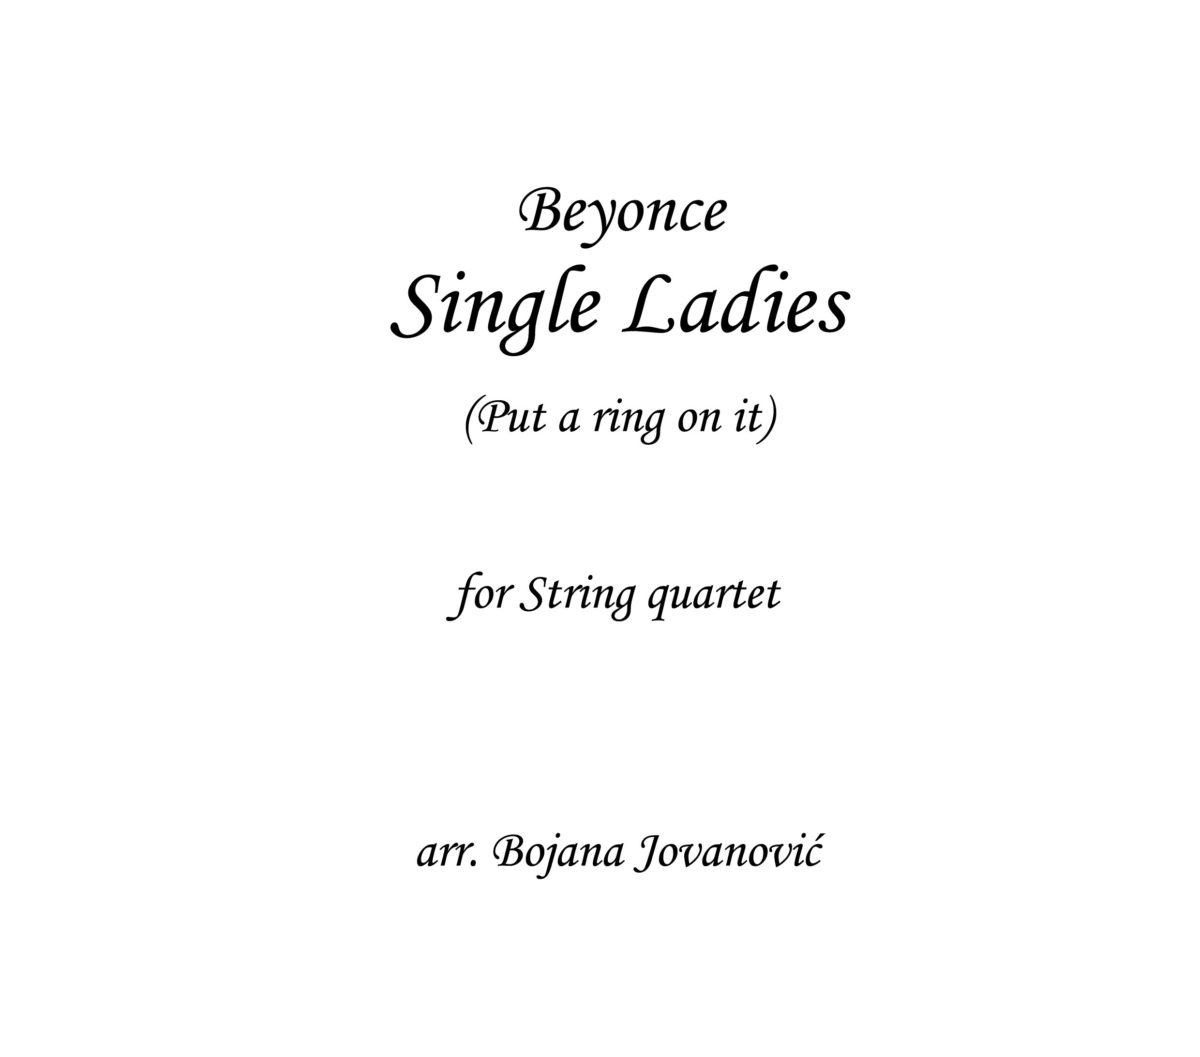 Single Ladies Beyonce Sheet music